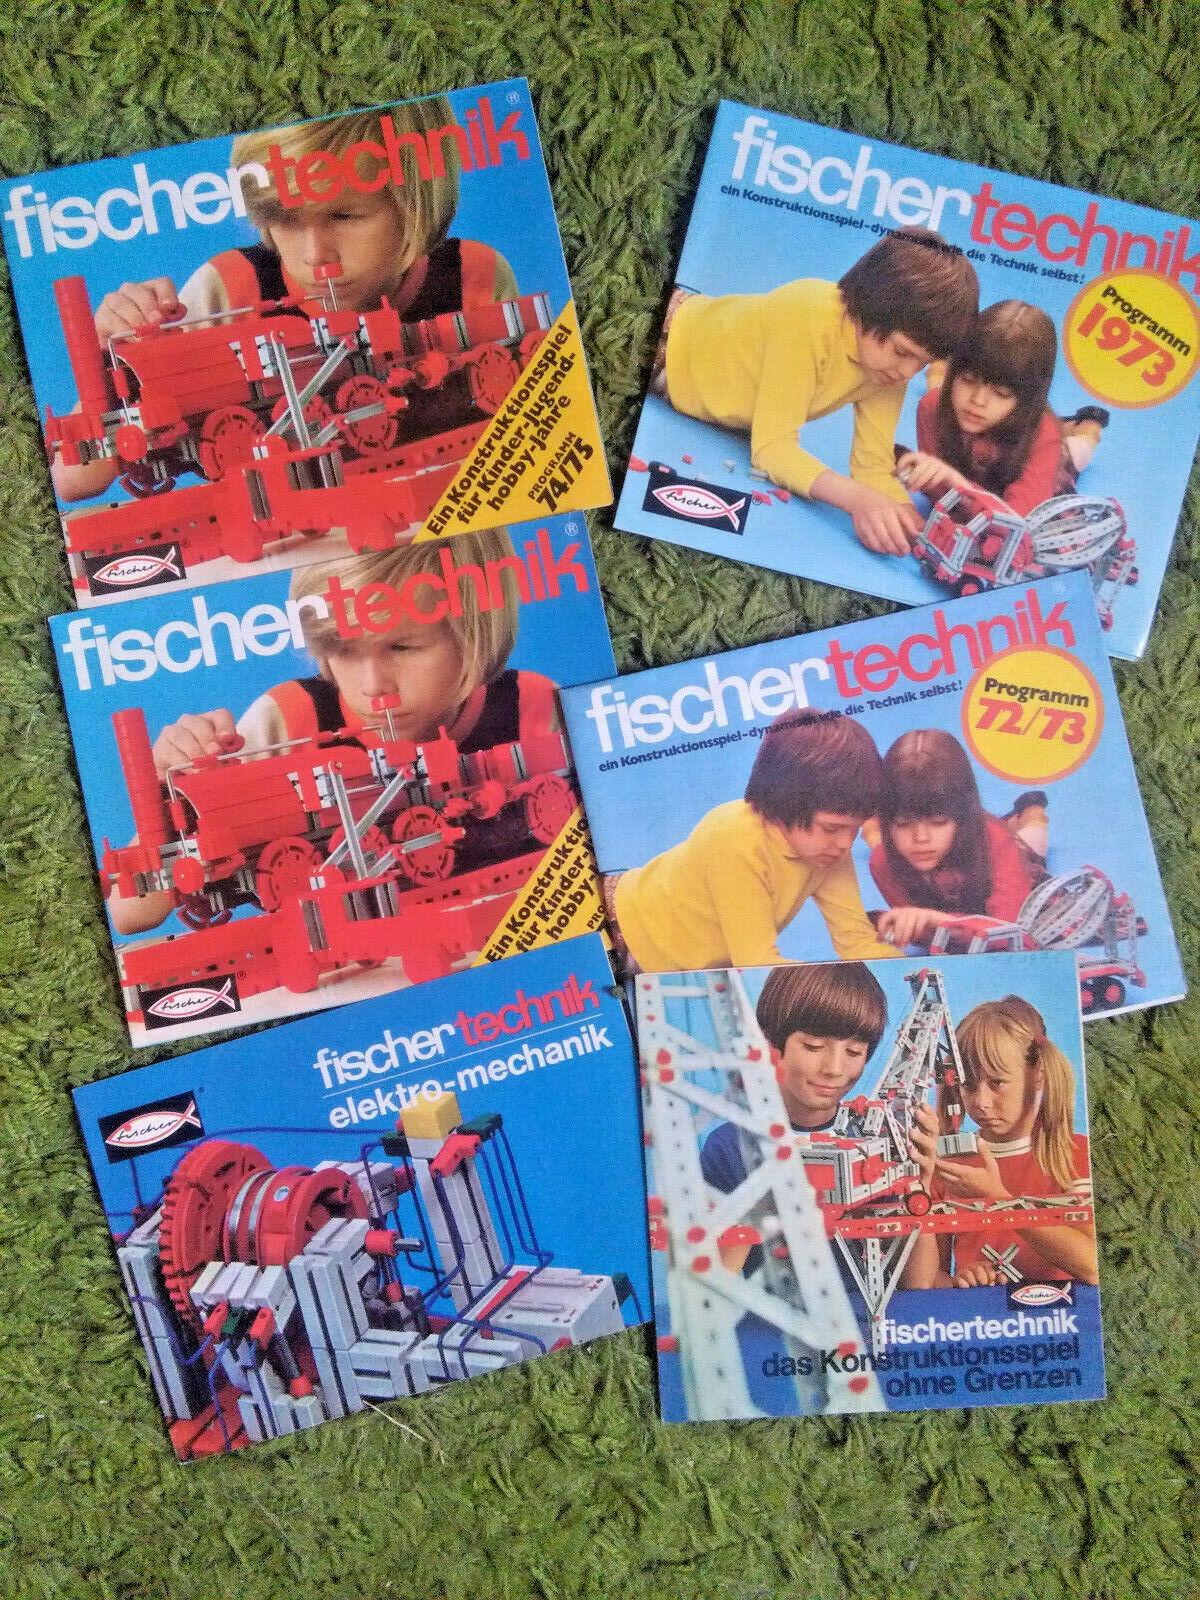 tiendas minoristas Modelismo  Fischertechnik, Fischertechnik, Fischertechnik, 6 folletos, - 70er años  autentico en linea